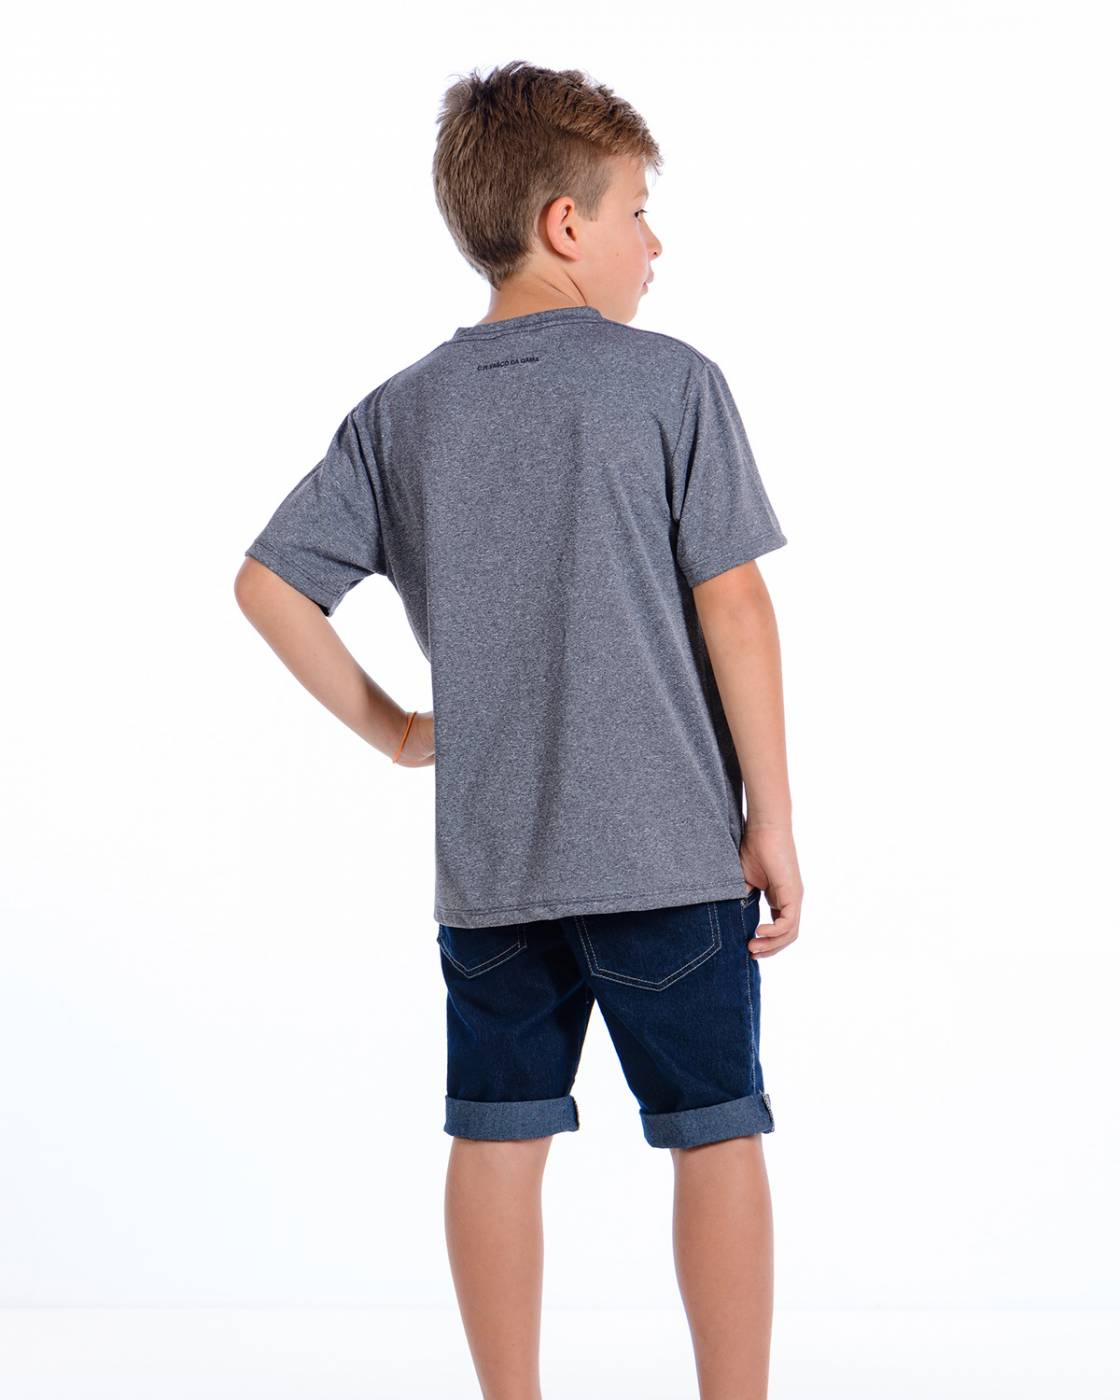 Camisa Vasco infantil Soblit